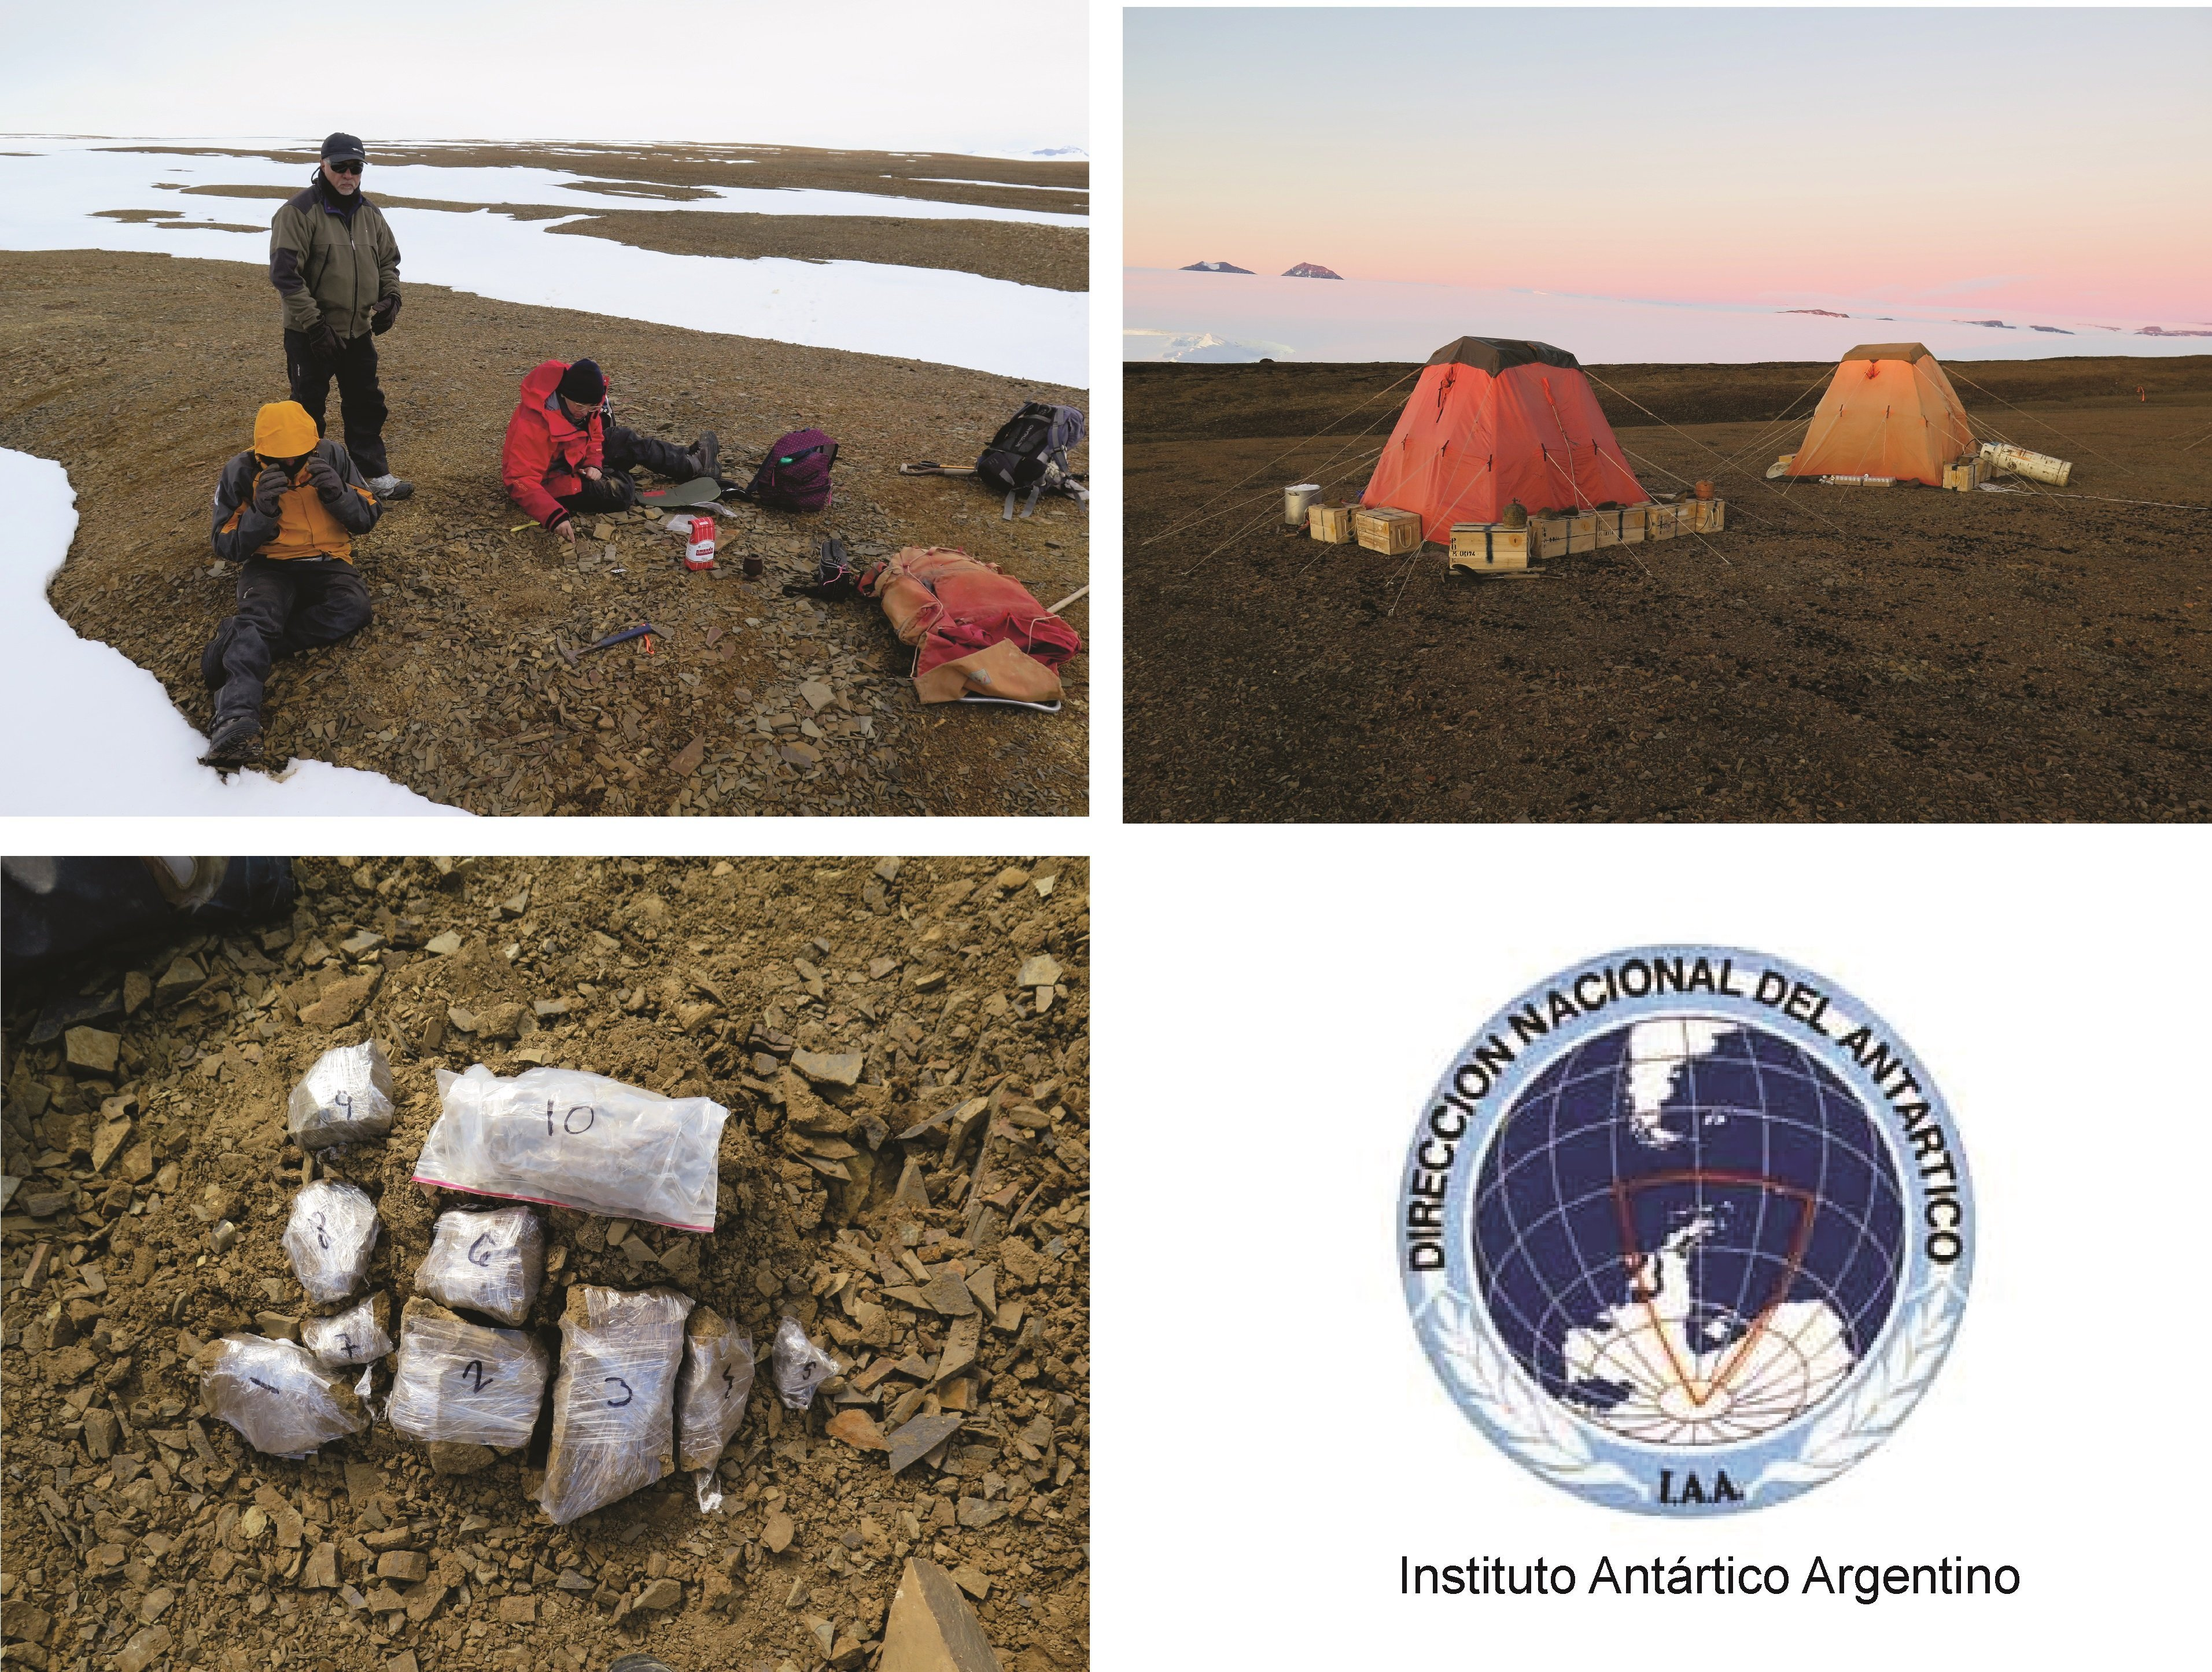 Imágenes de la expedición que encontró los restos de un plesiosaurio de alrededor de 150 millones de años en la península Antártica